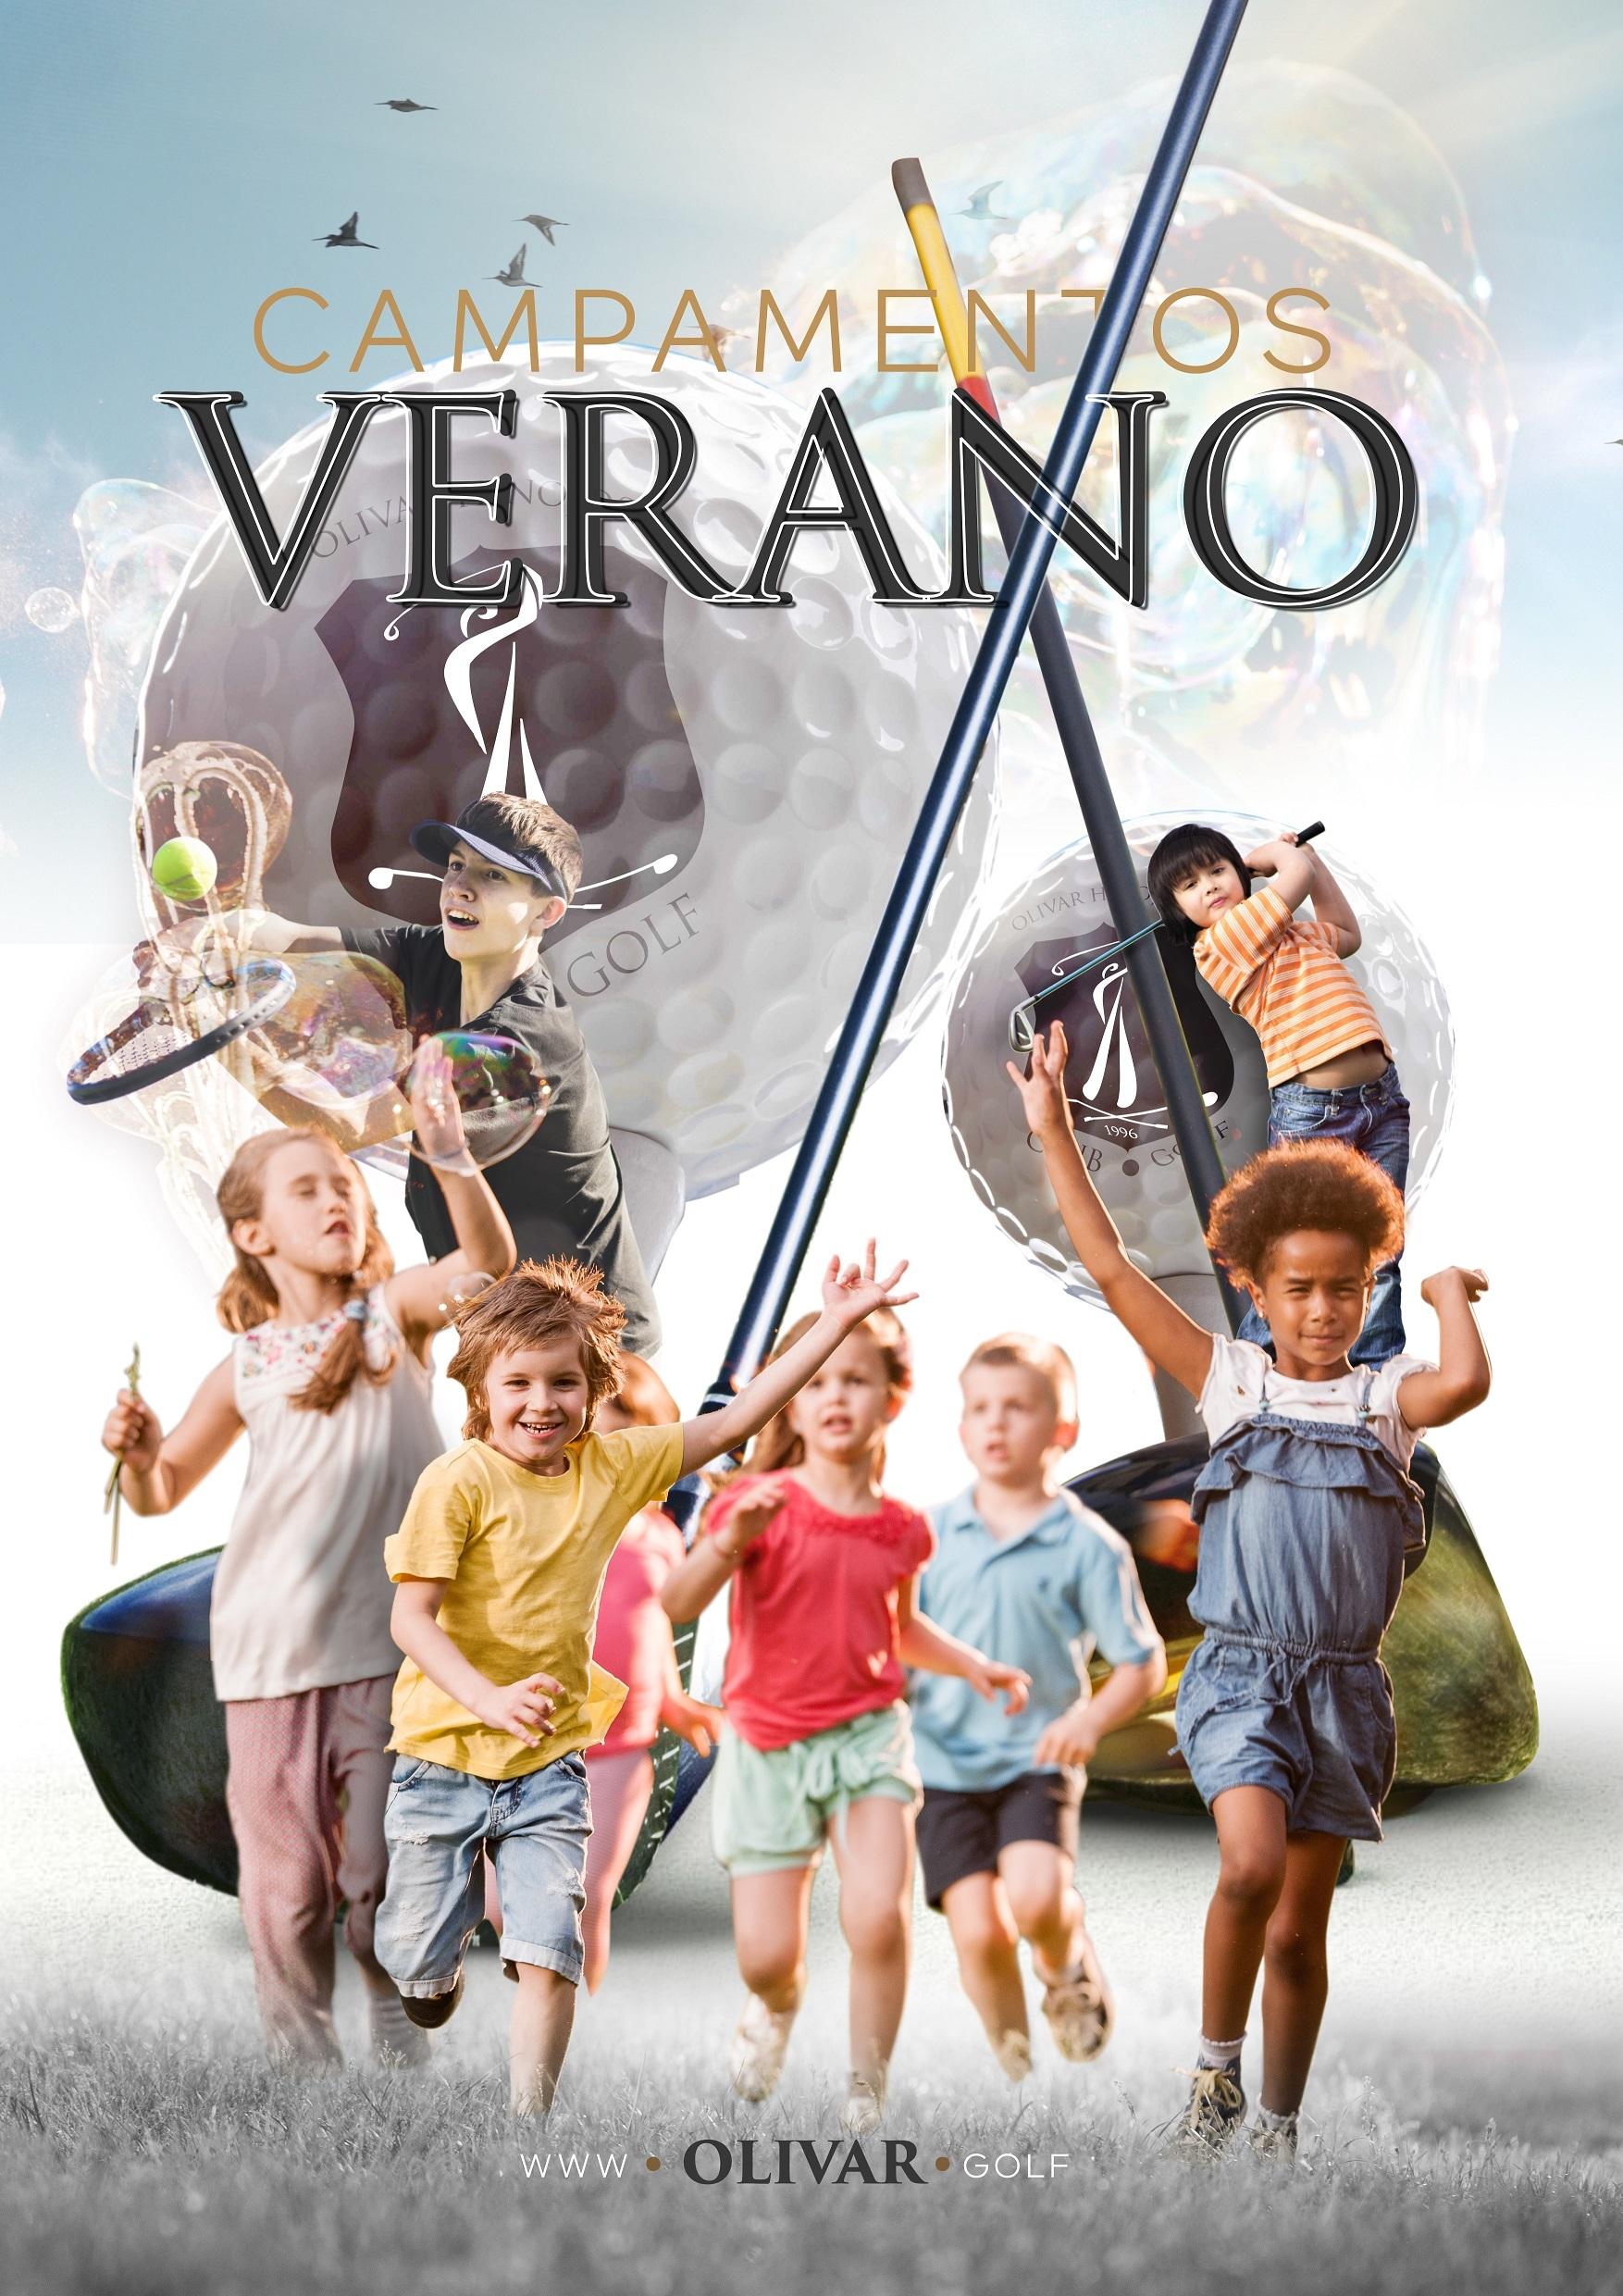 Campamentos de Verano Olivar de la Hinojosa 2019